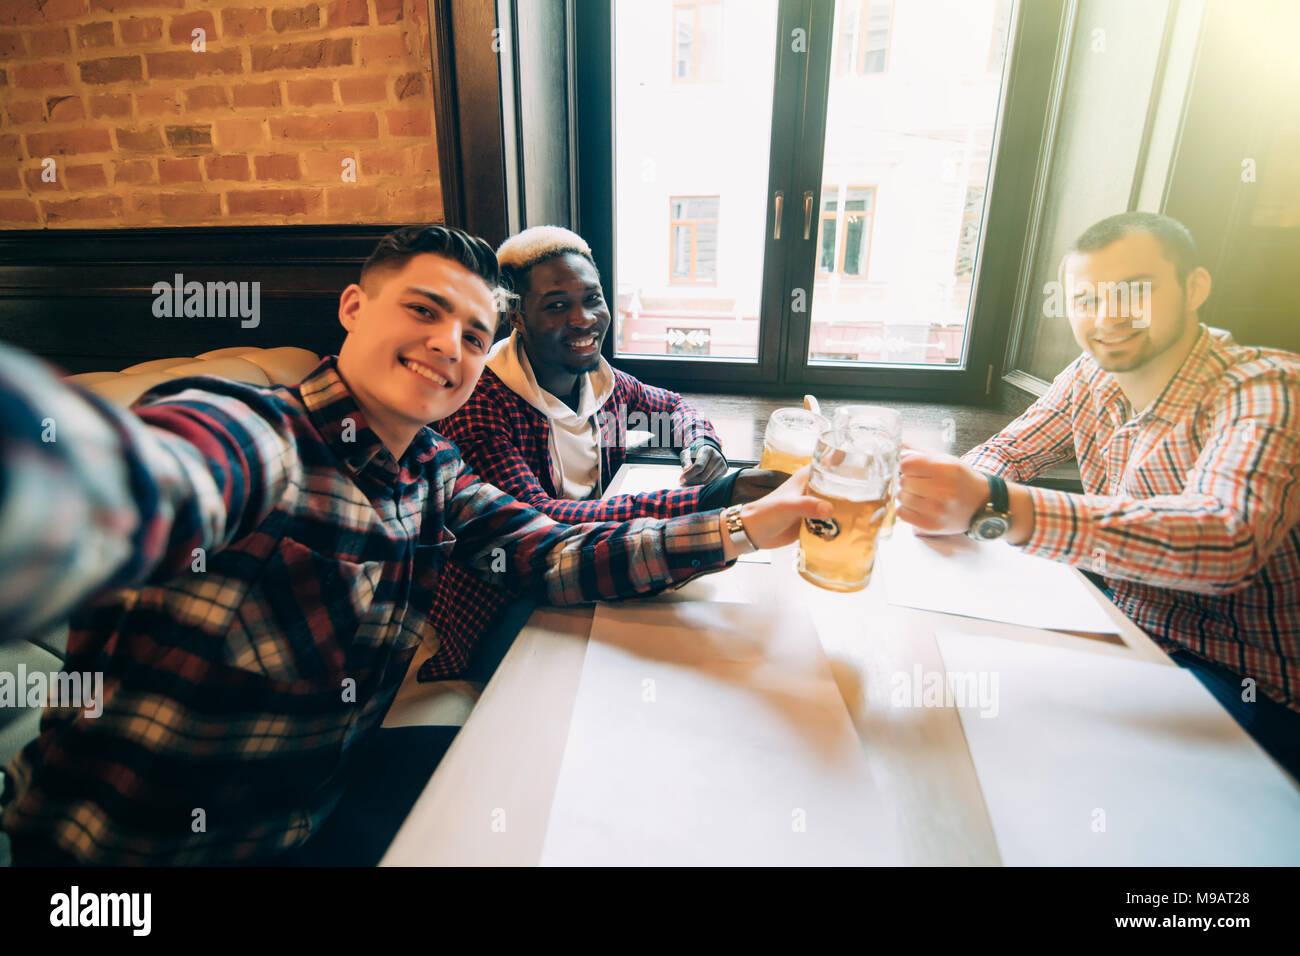 La gente, el ocio, la amistad, la tecnología y la despedida de soltero concepto - feliz amigos varones teniendo selfie y bebiendo cerveza en el bar o pub Imagen De Stock